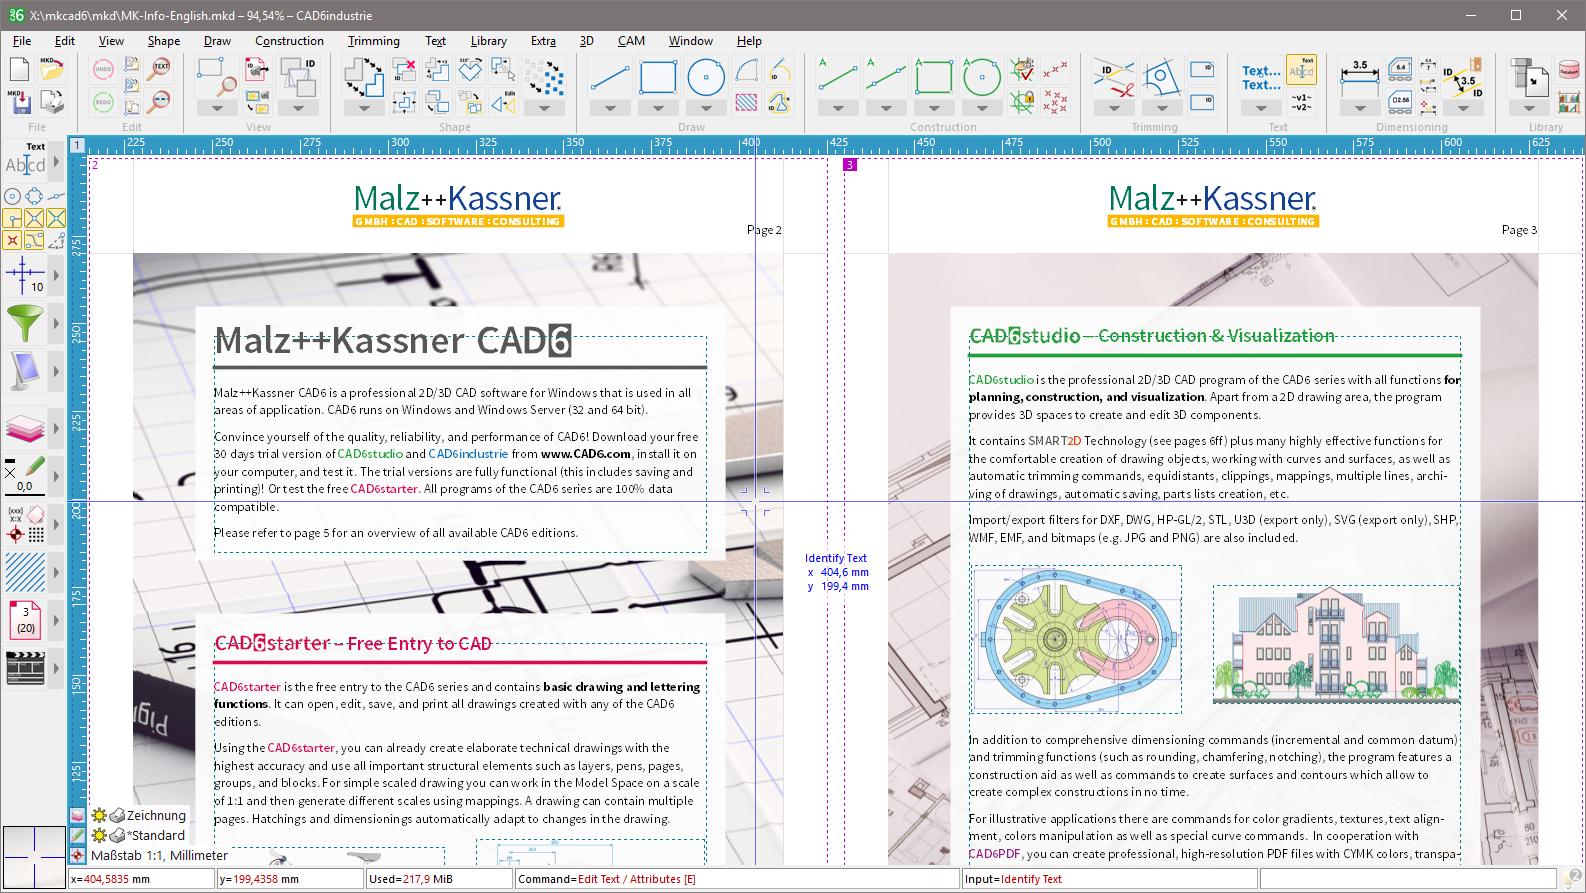 Malz++Kassner CAD6